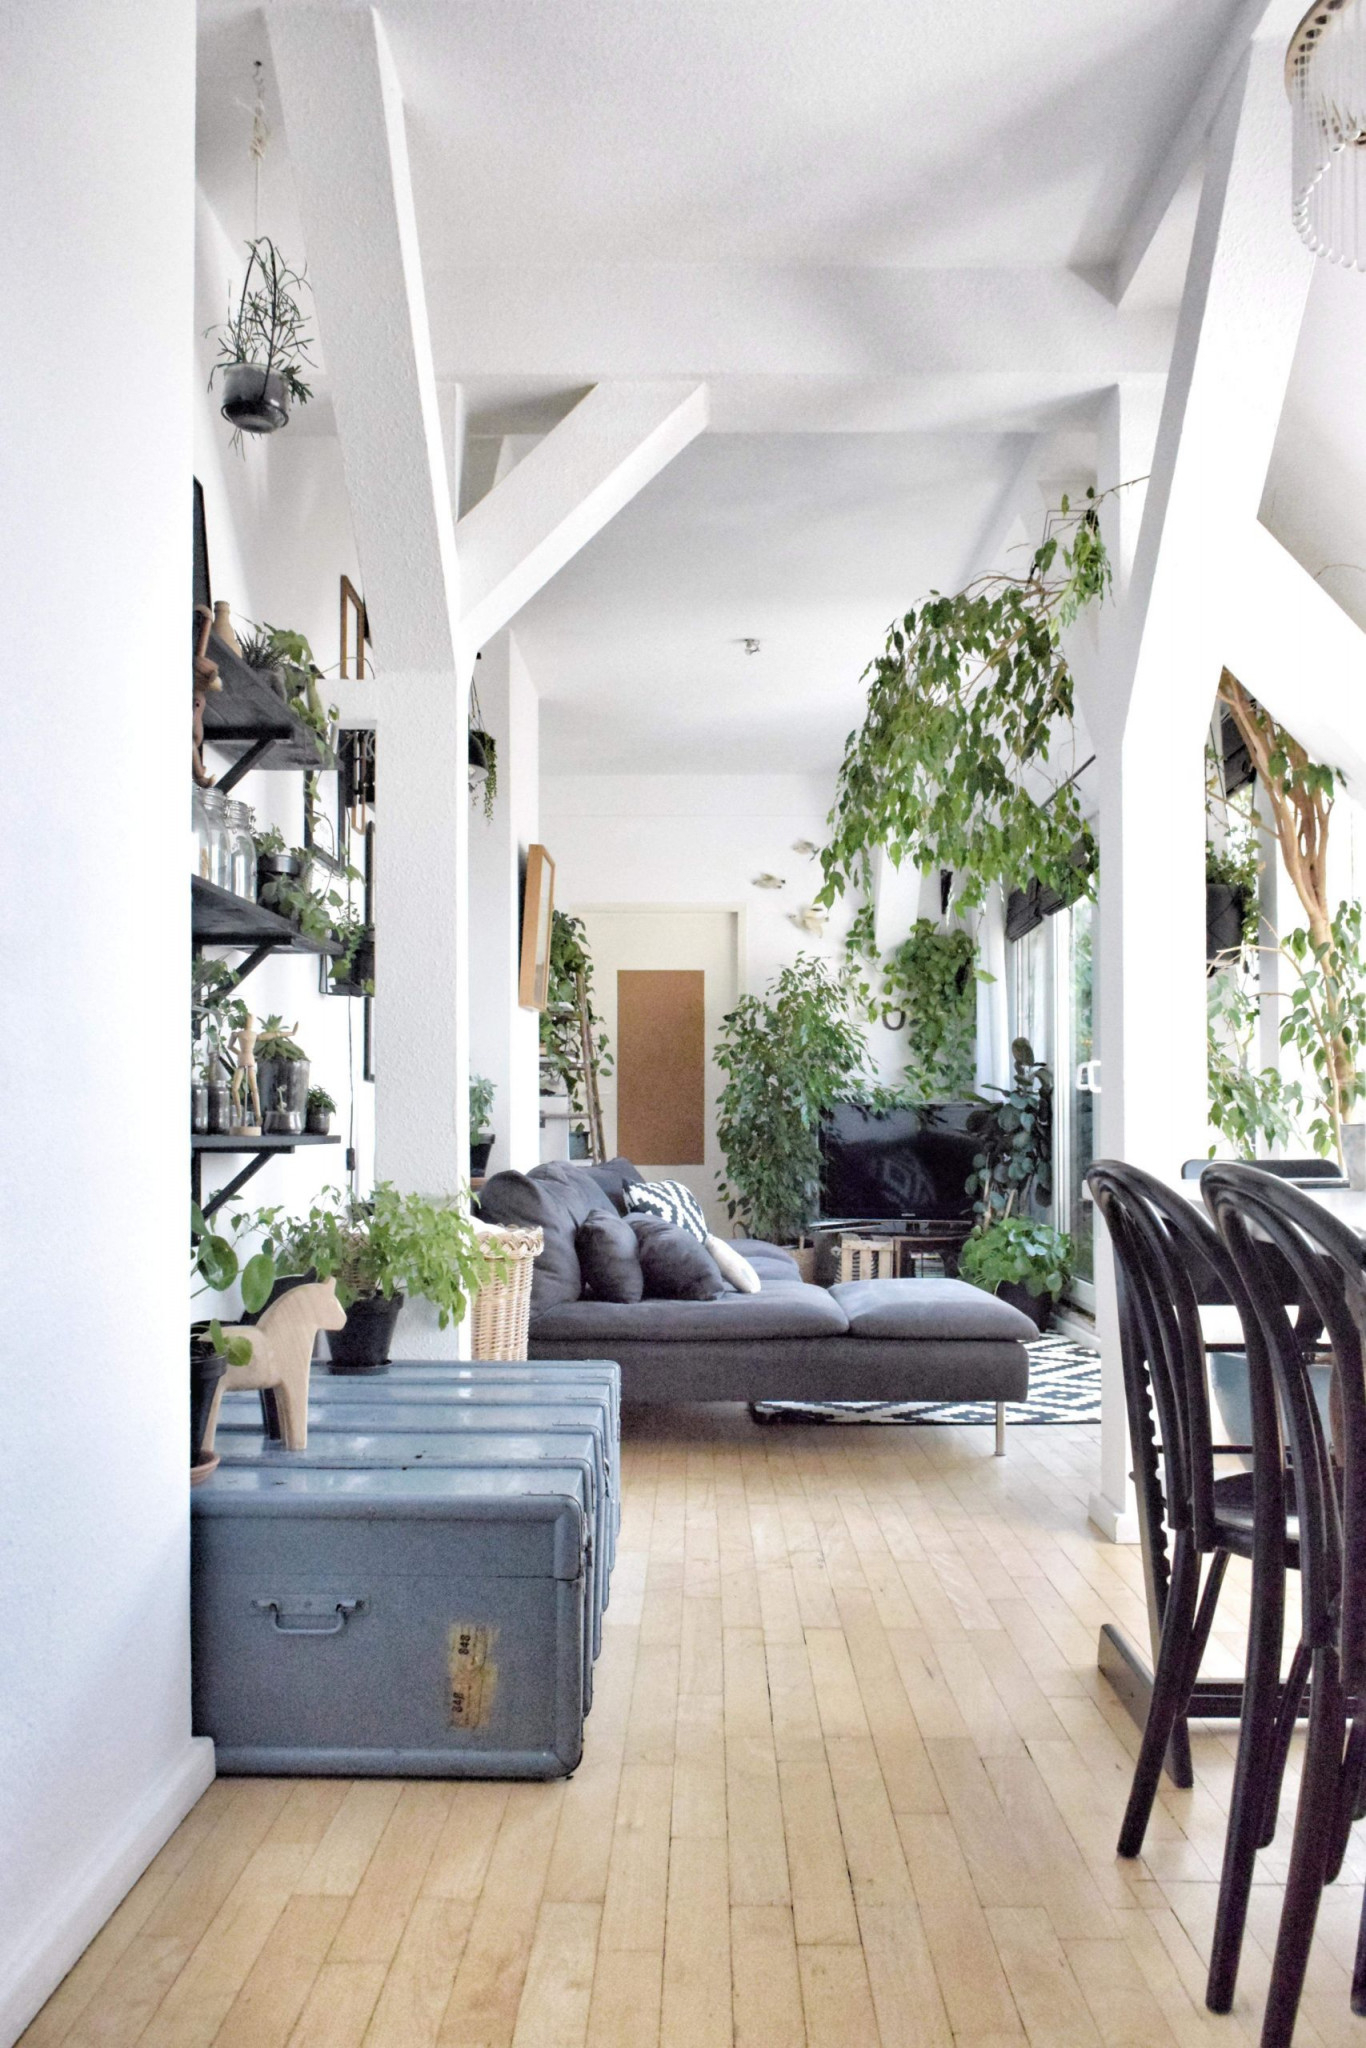 Wohnzimmer Dachgeschoss Einzigartig Dachgeschoss von Wohnzimmer Dachgeschoss Gestalten Bild